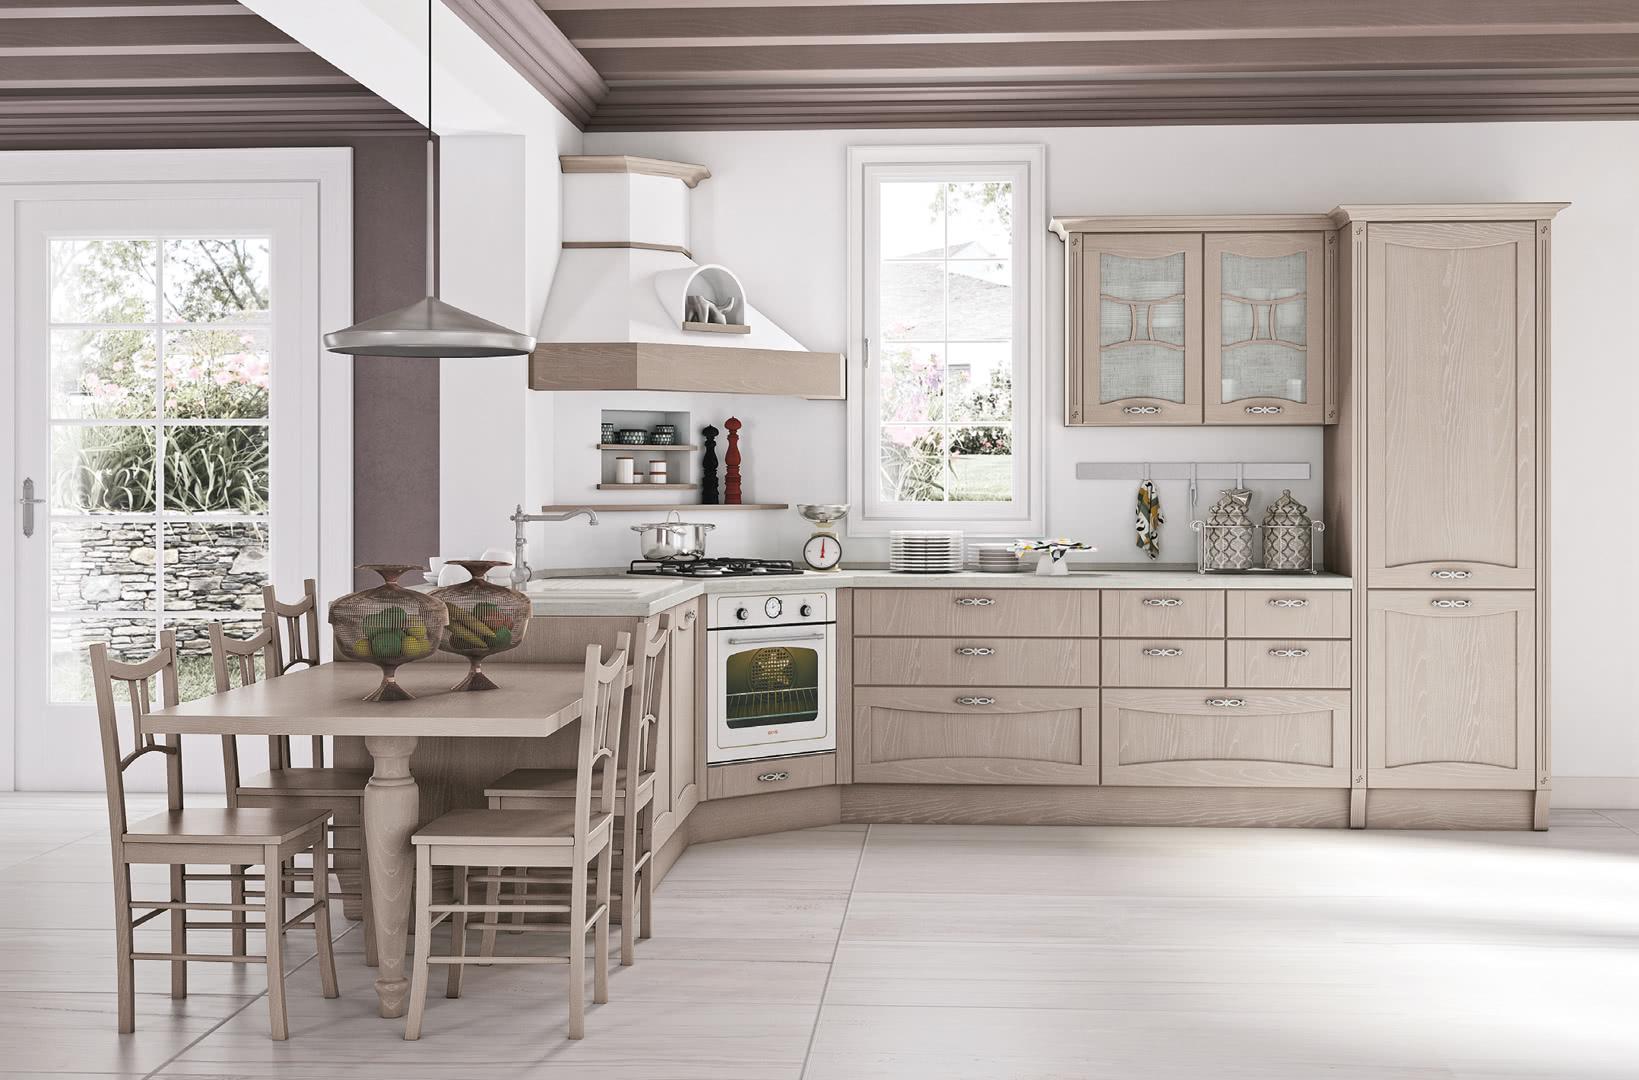 Cucina Aurea Cucine Classiche Creo Kitchens